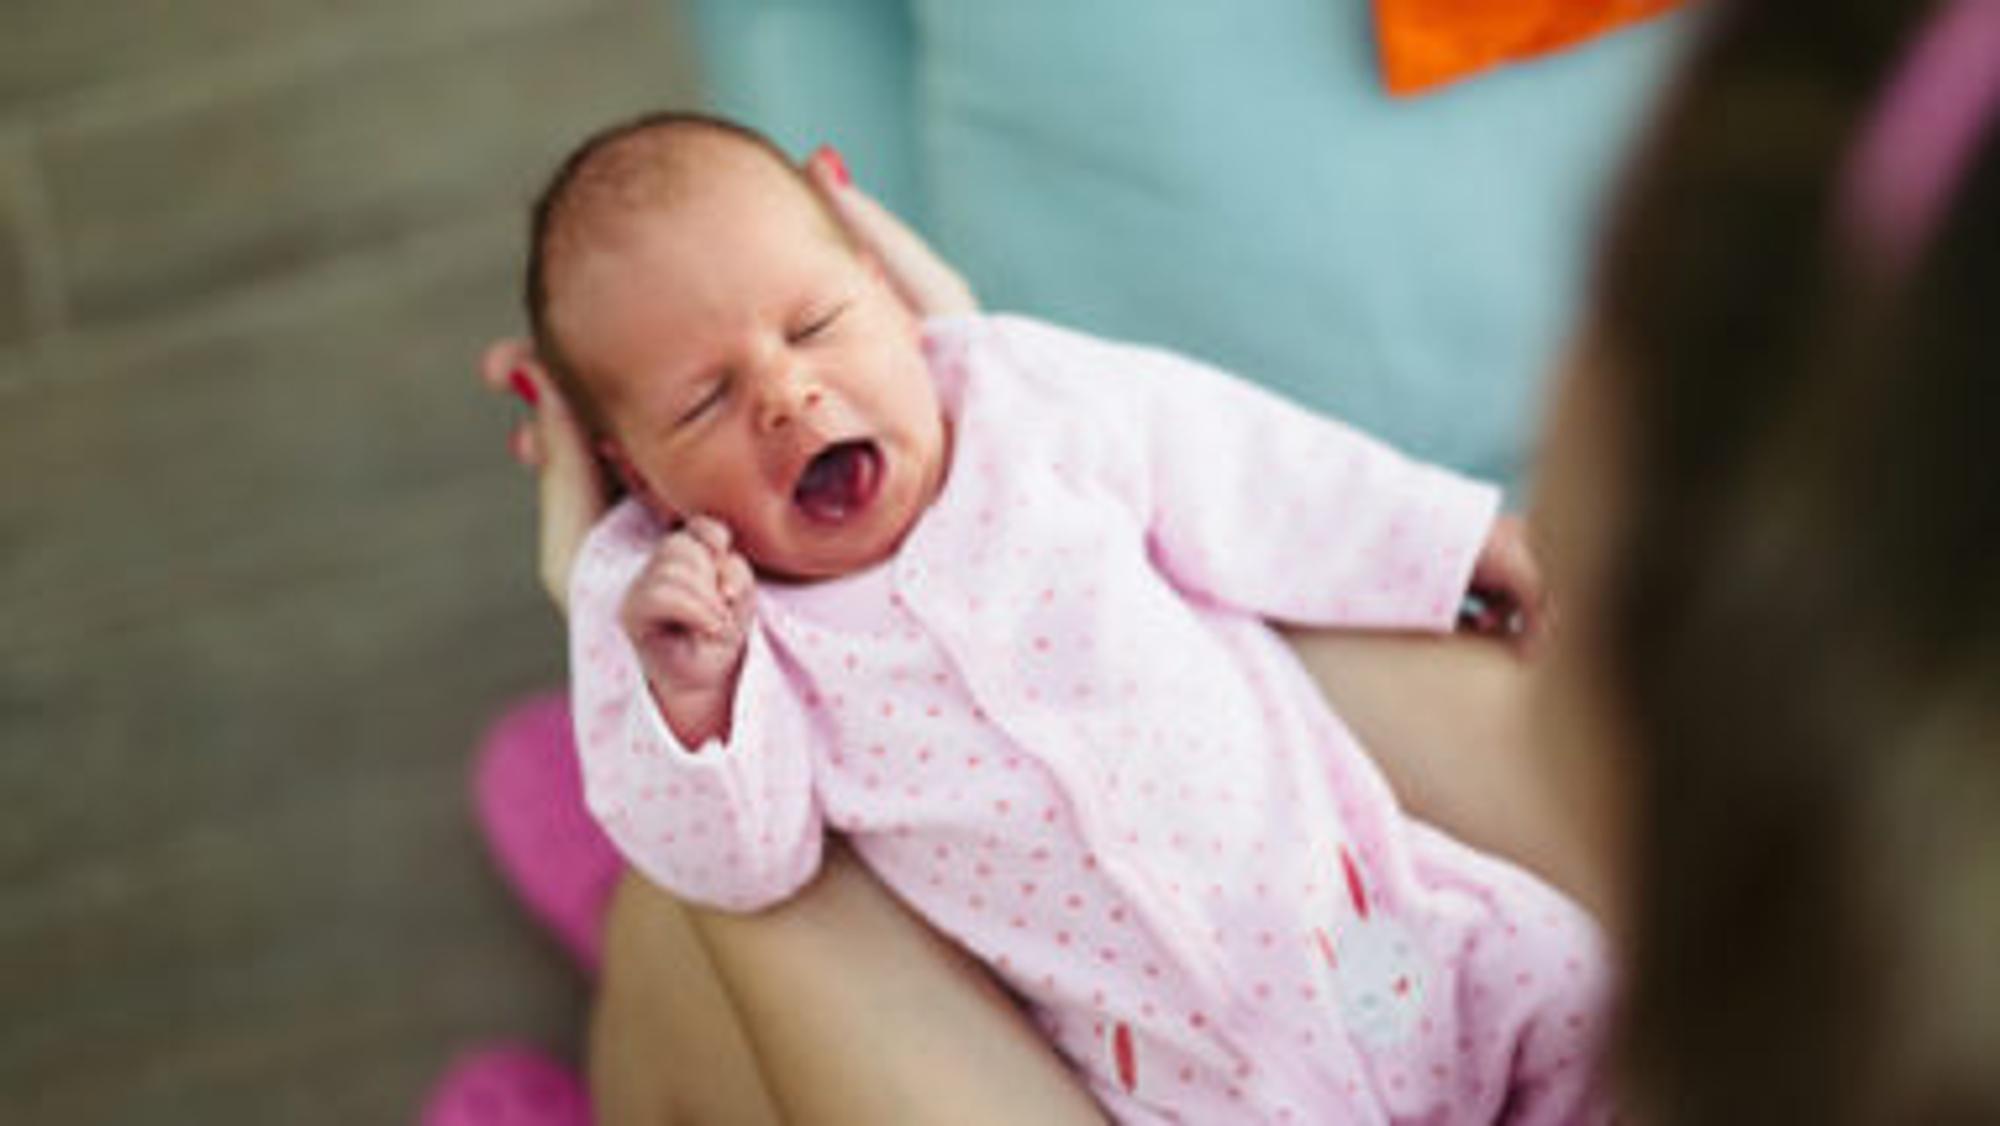 Baby Husten kann für das Husten-Baby sehr anstrengend sein.